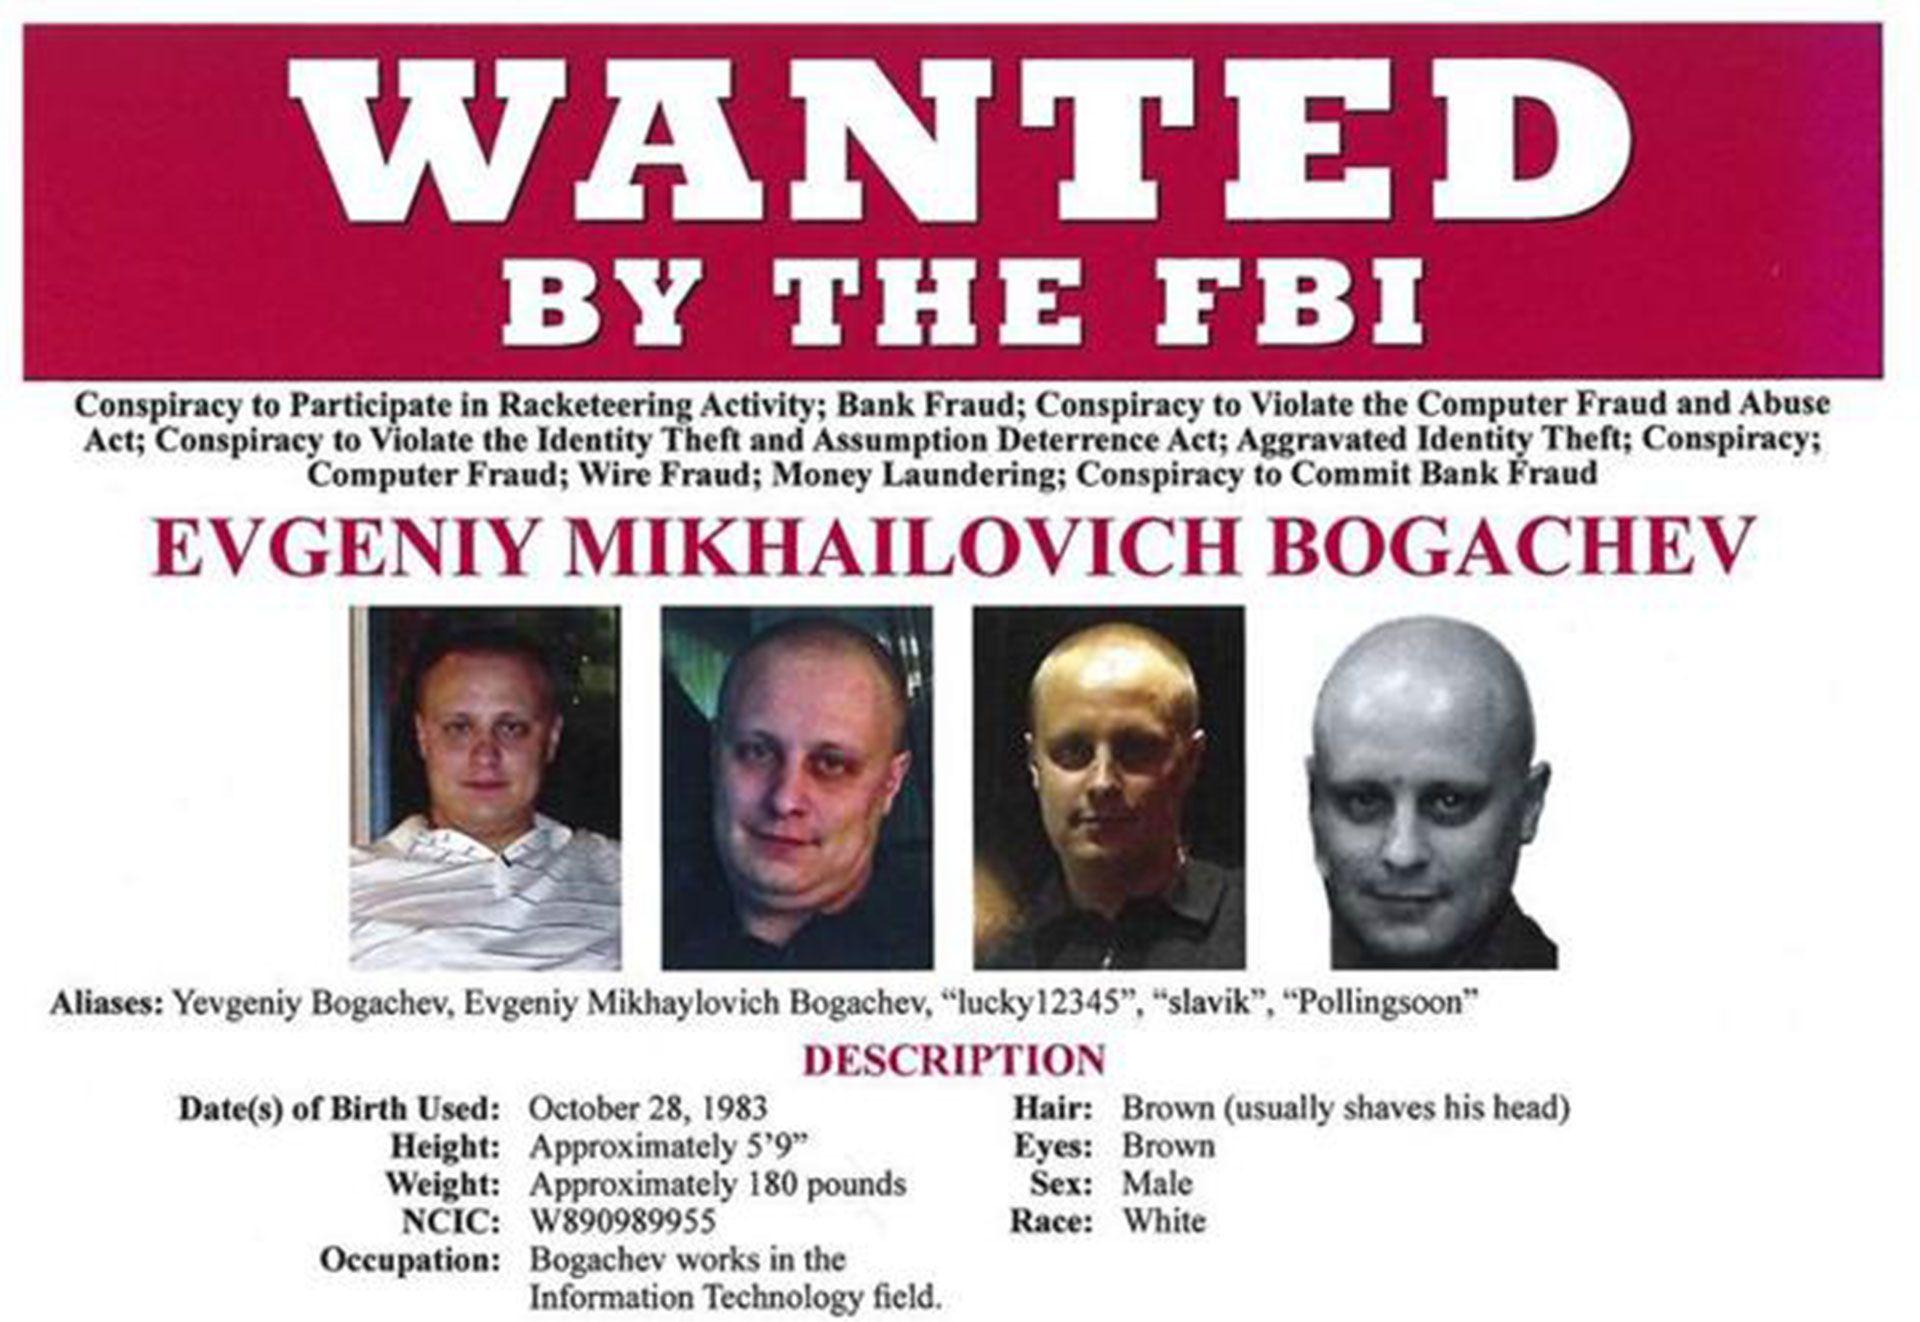 Gatos, autos caros, atuendos excéntricos y mucho lujo: el hacker más buscado del mundo se esconde en Rusia